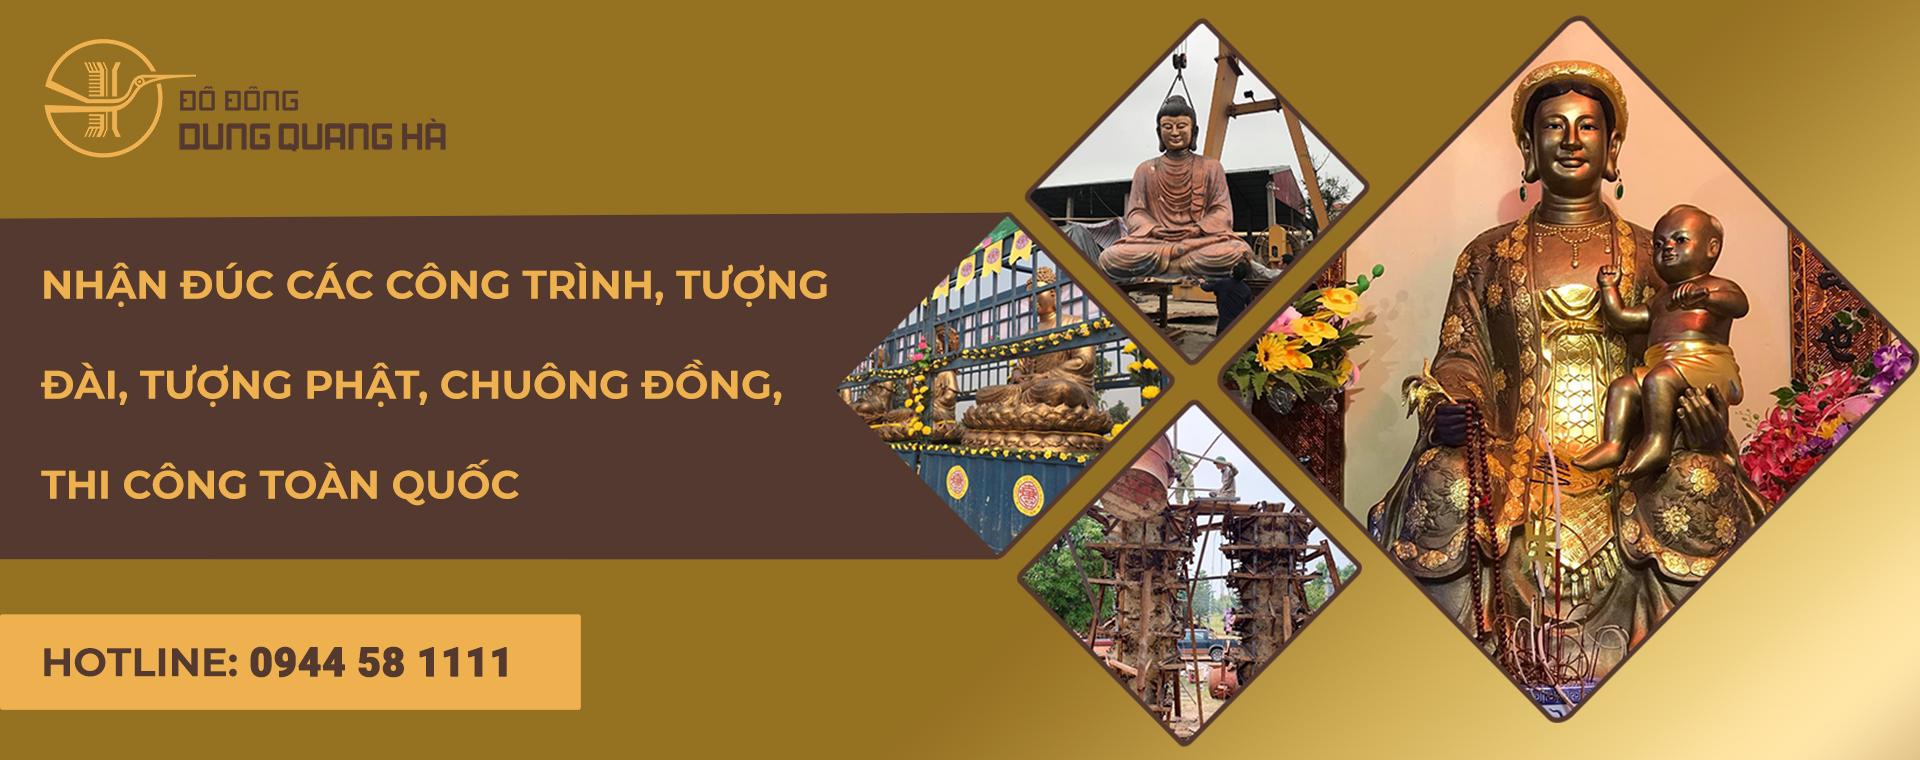 do-dong-dung-quang-ha-chuyen-nhan-duc-cac-cong-trinh-tuong-dai-tuong-phat-chuong-dong-thi-cong toan-quoc